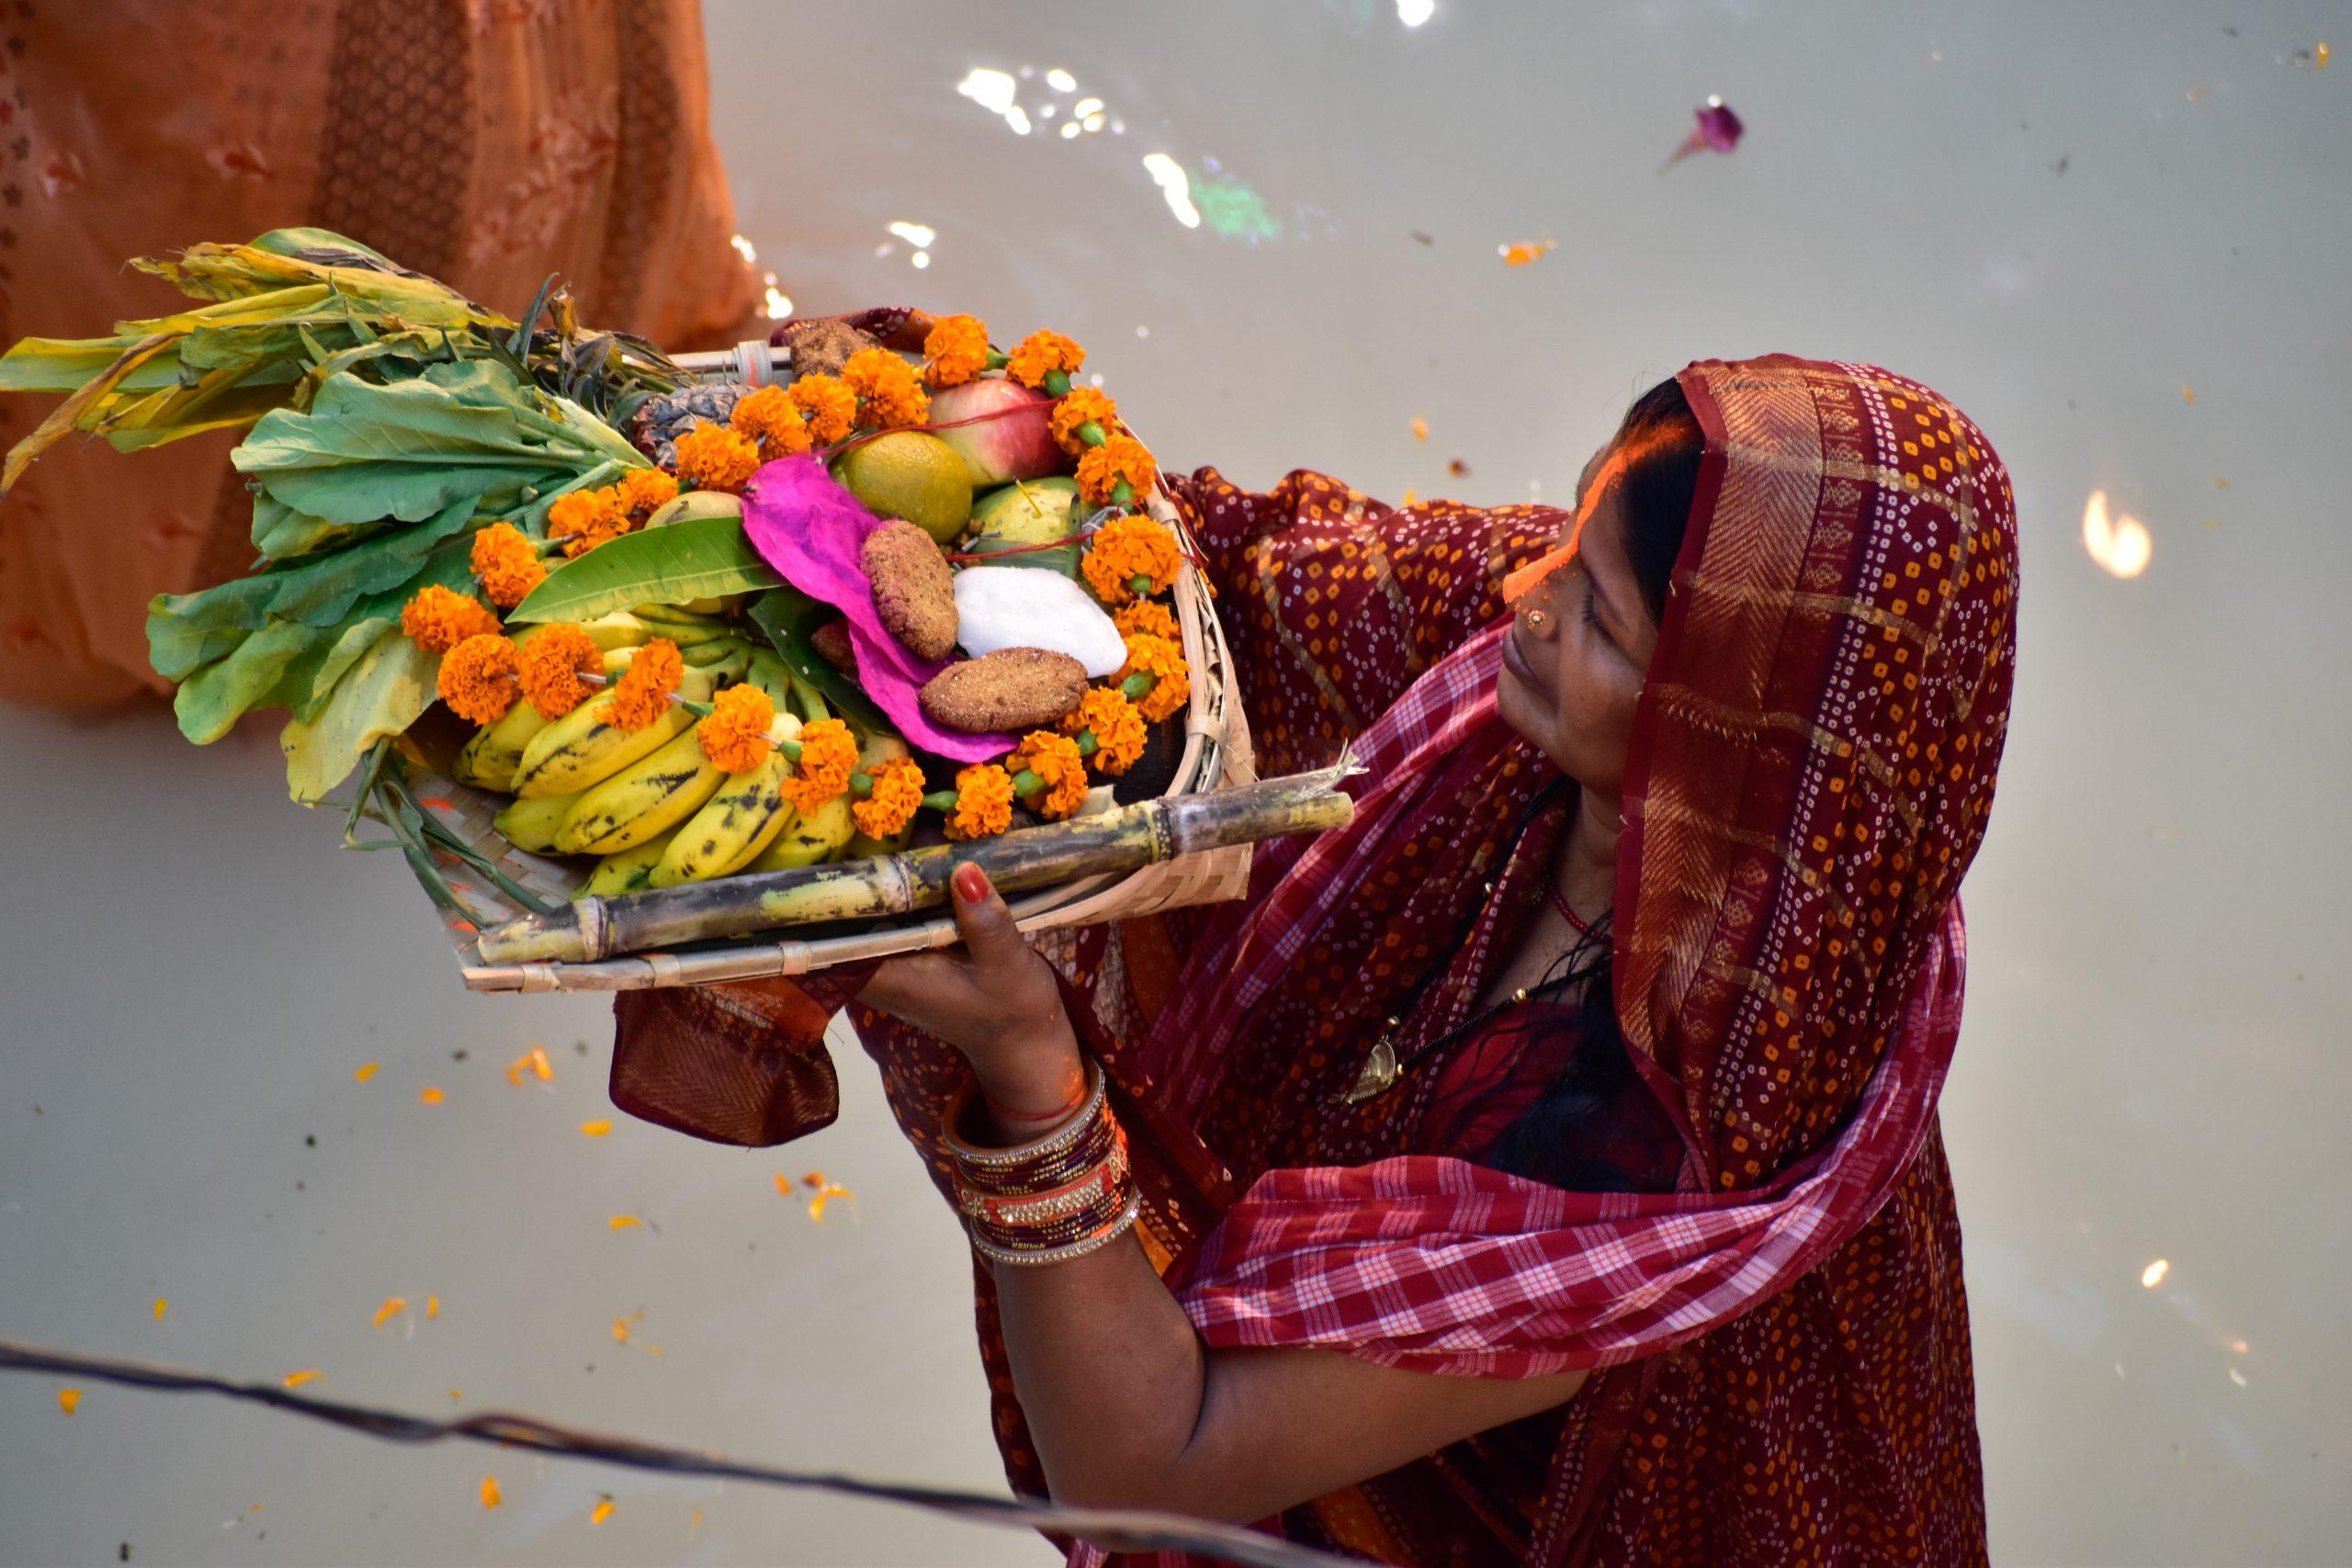 Woman Celebrating Chhath Puja